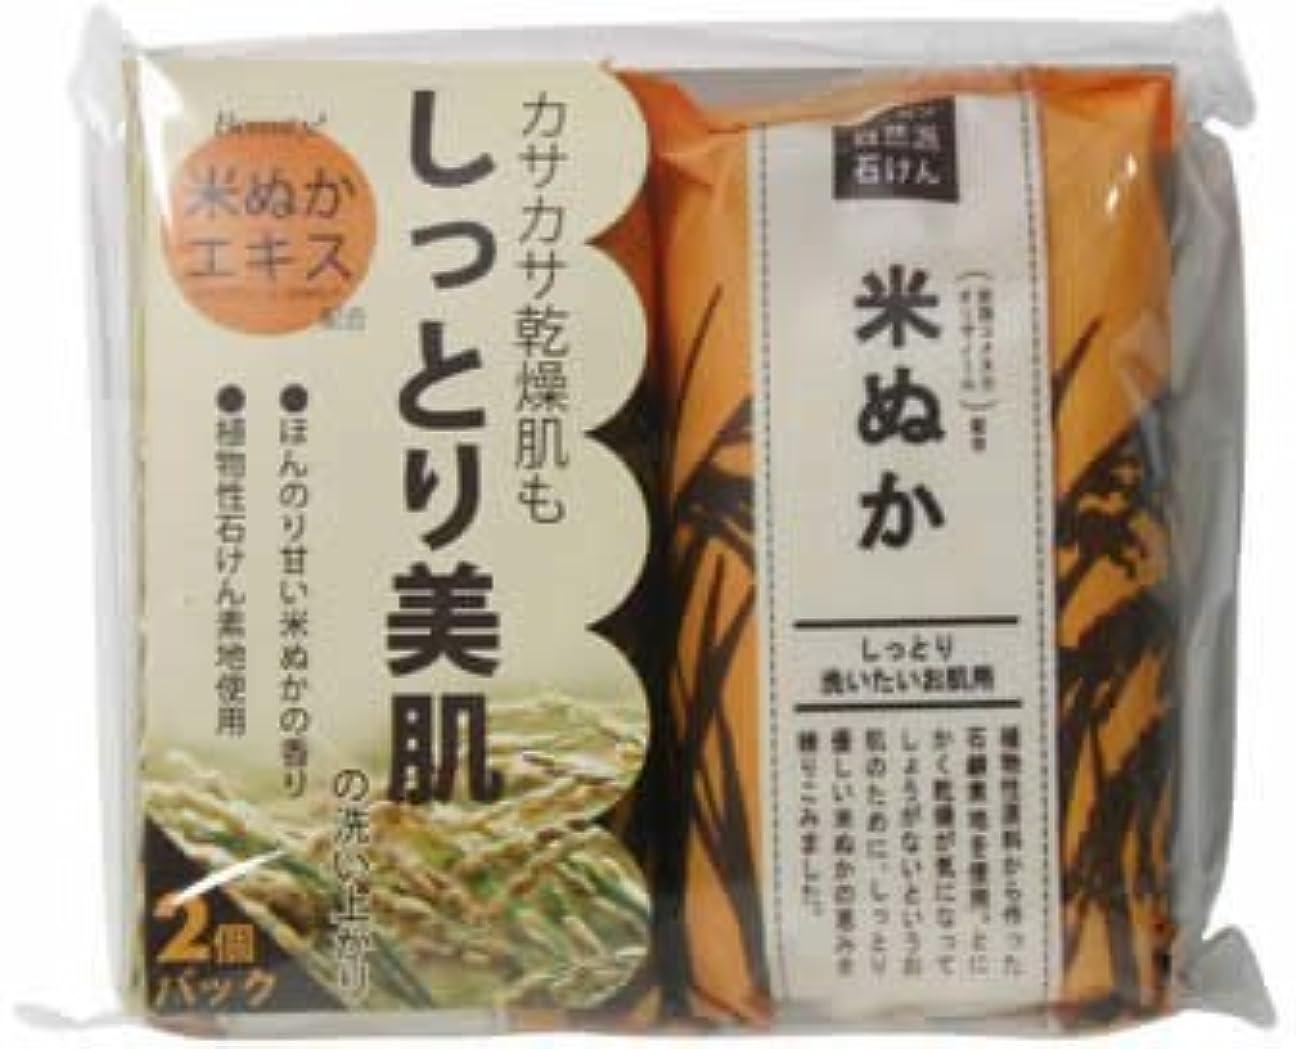 ギネス情熱ゴミ箱を空にするペリカン自然派石鹸 米ぬか (100g*2個入)